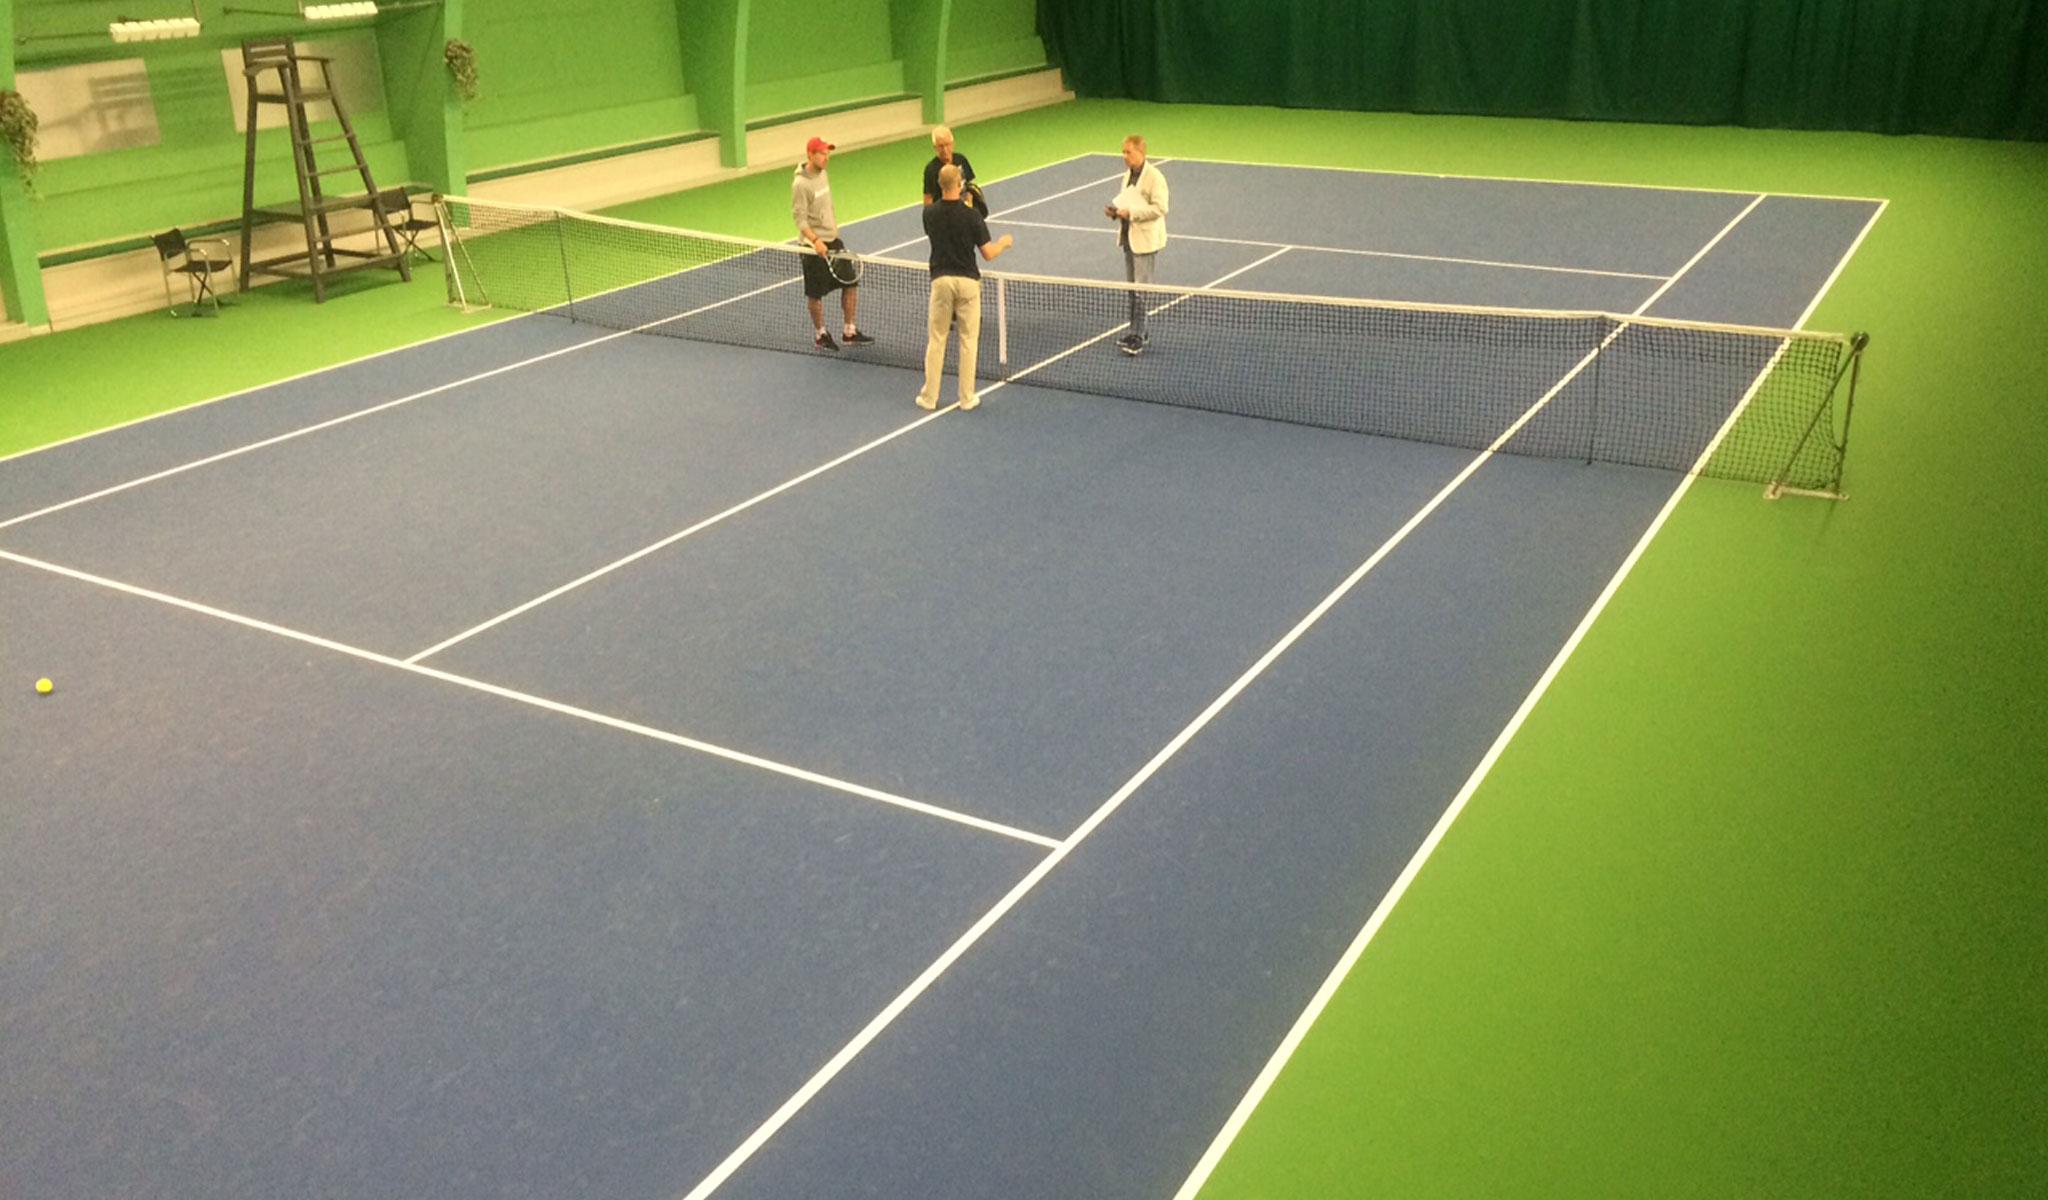 proflex tennisbane tennisunderlag unisport